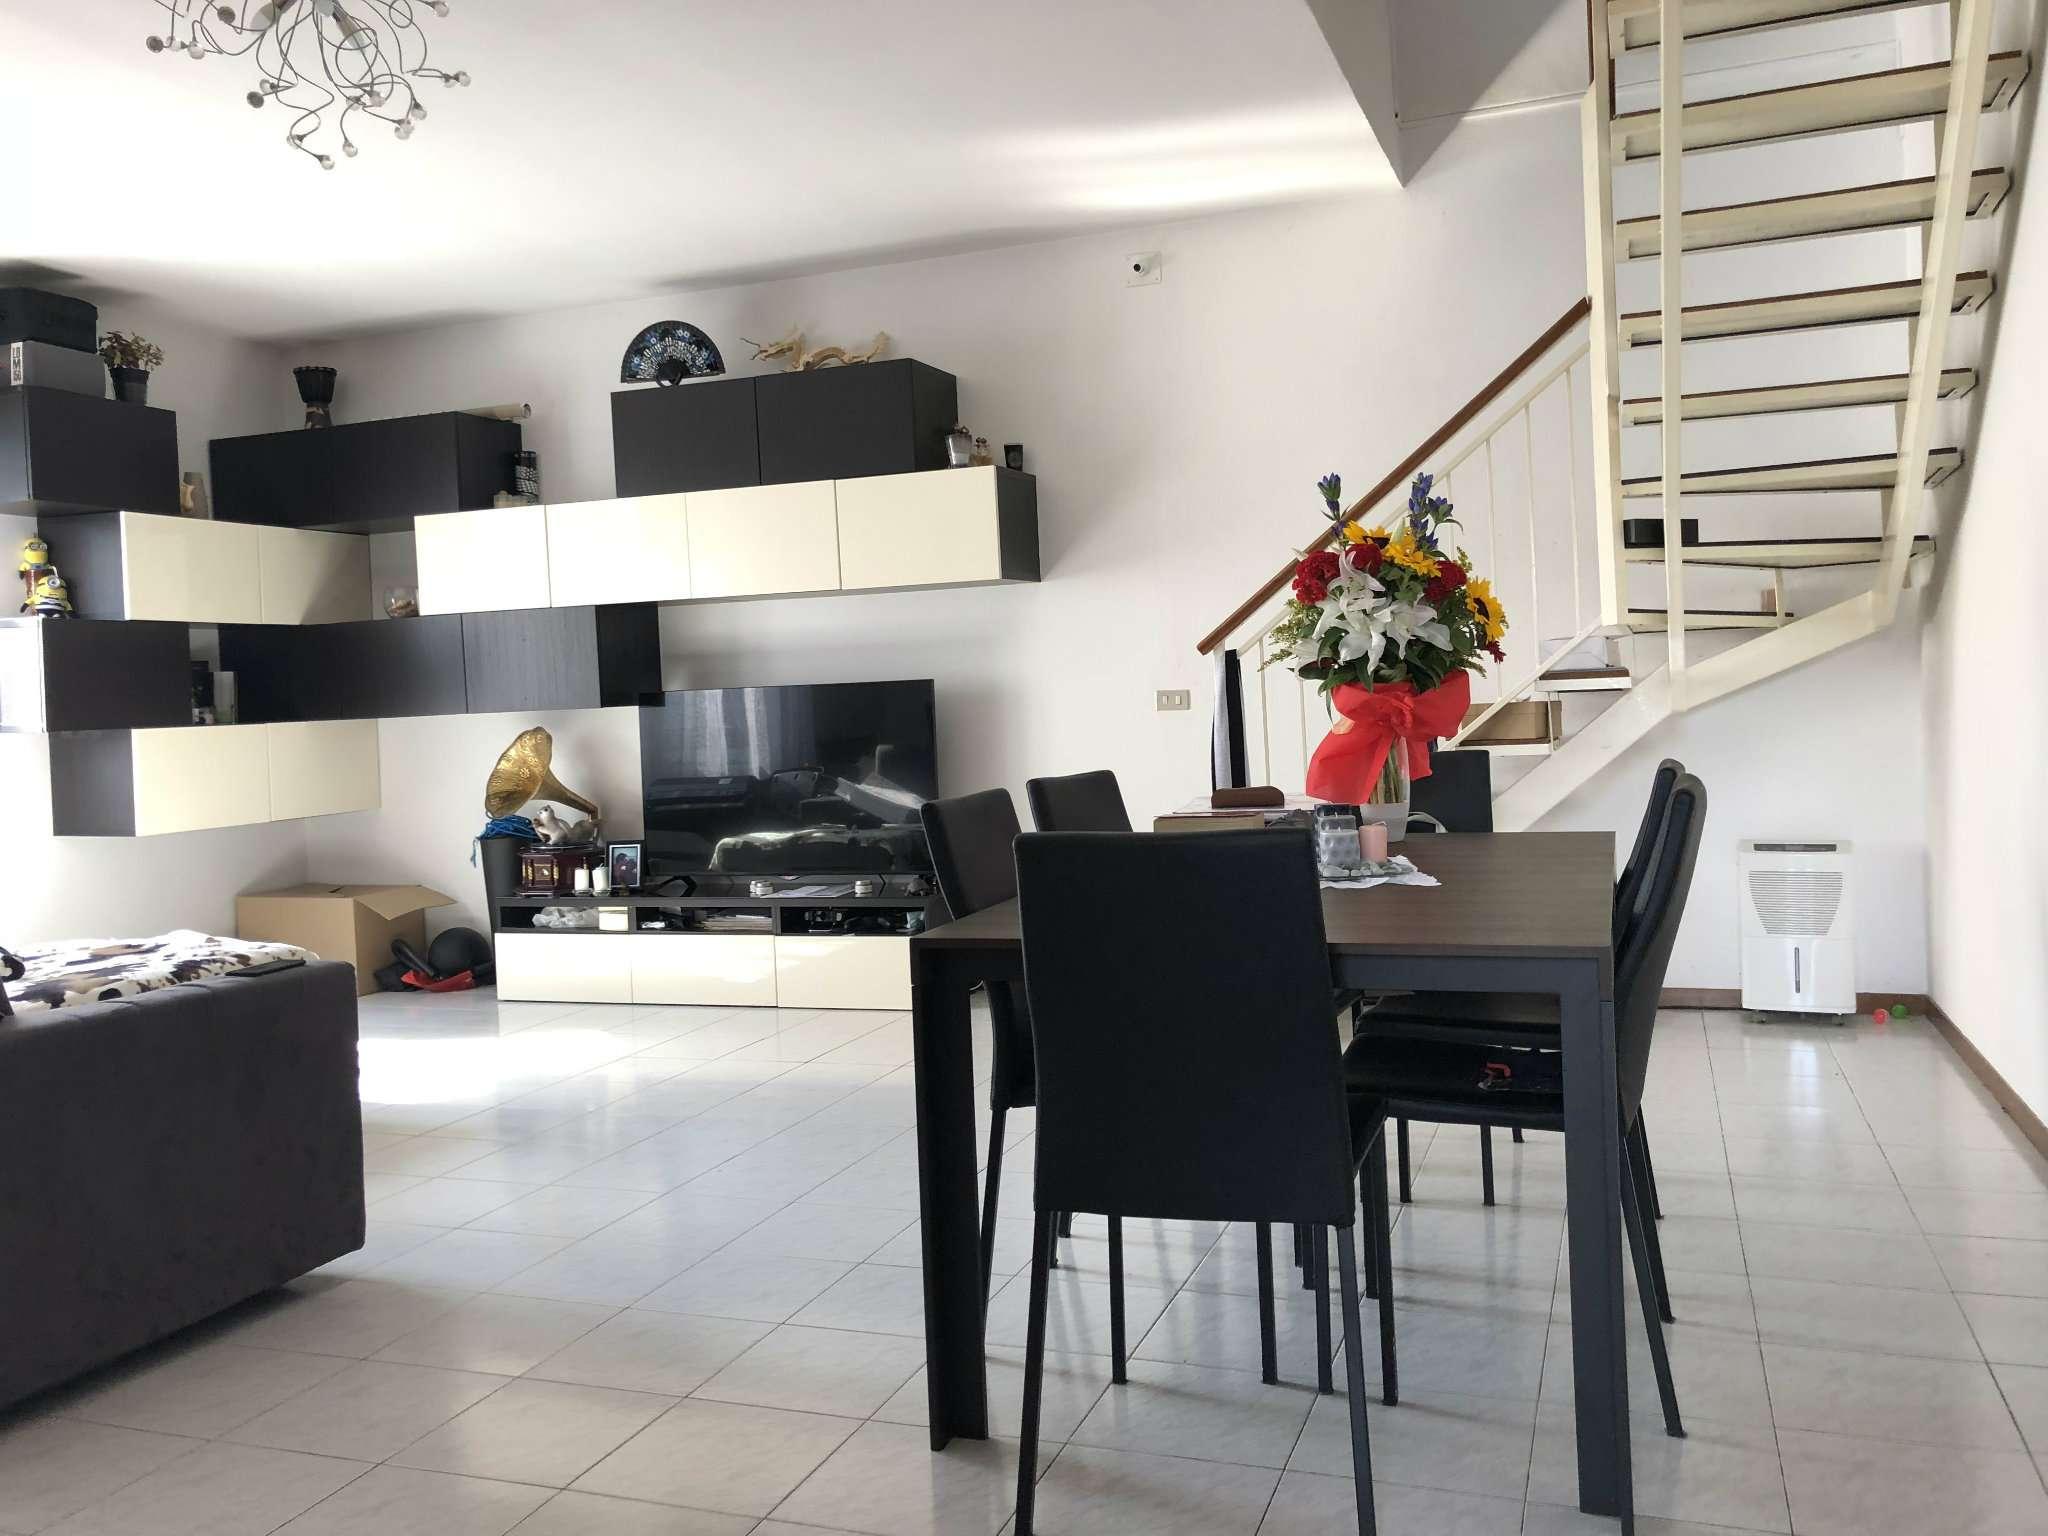 Villa Bifamiliare in affitto a Solbiate, 4 locali, prezzo € 750 | CambioCasa.it